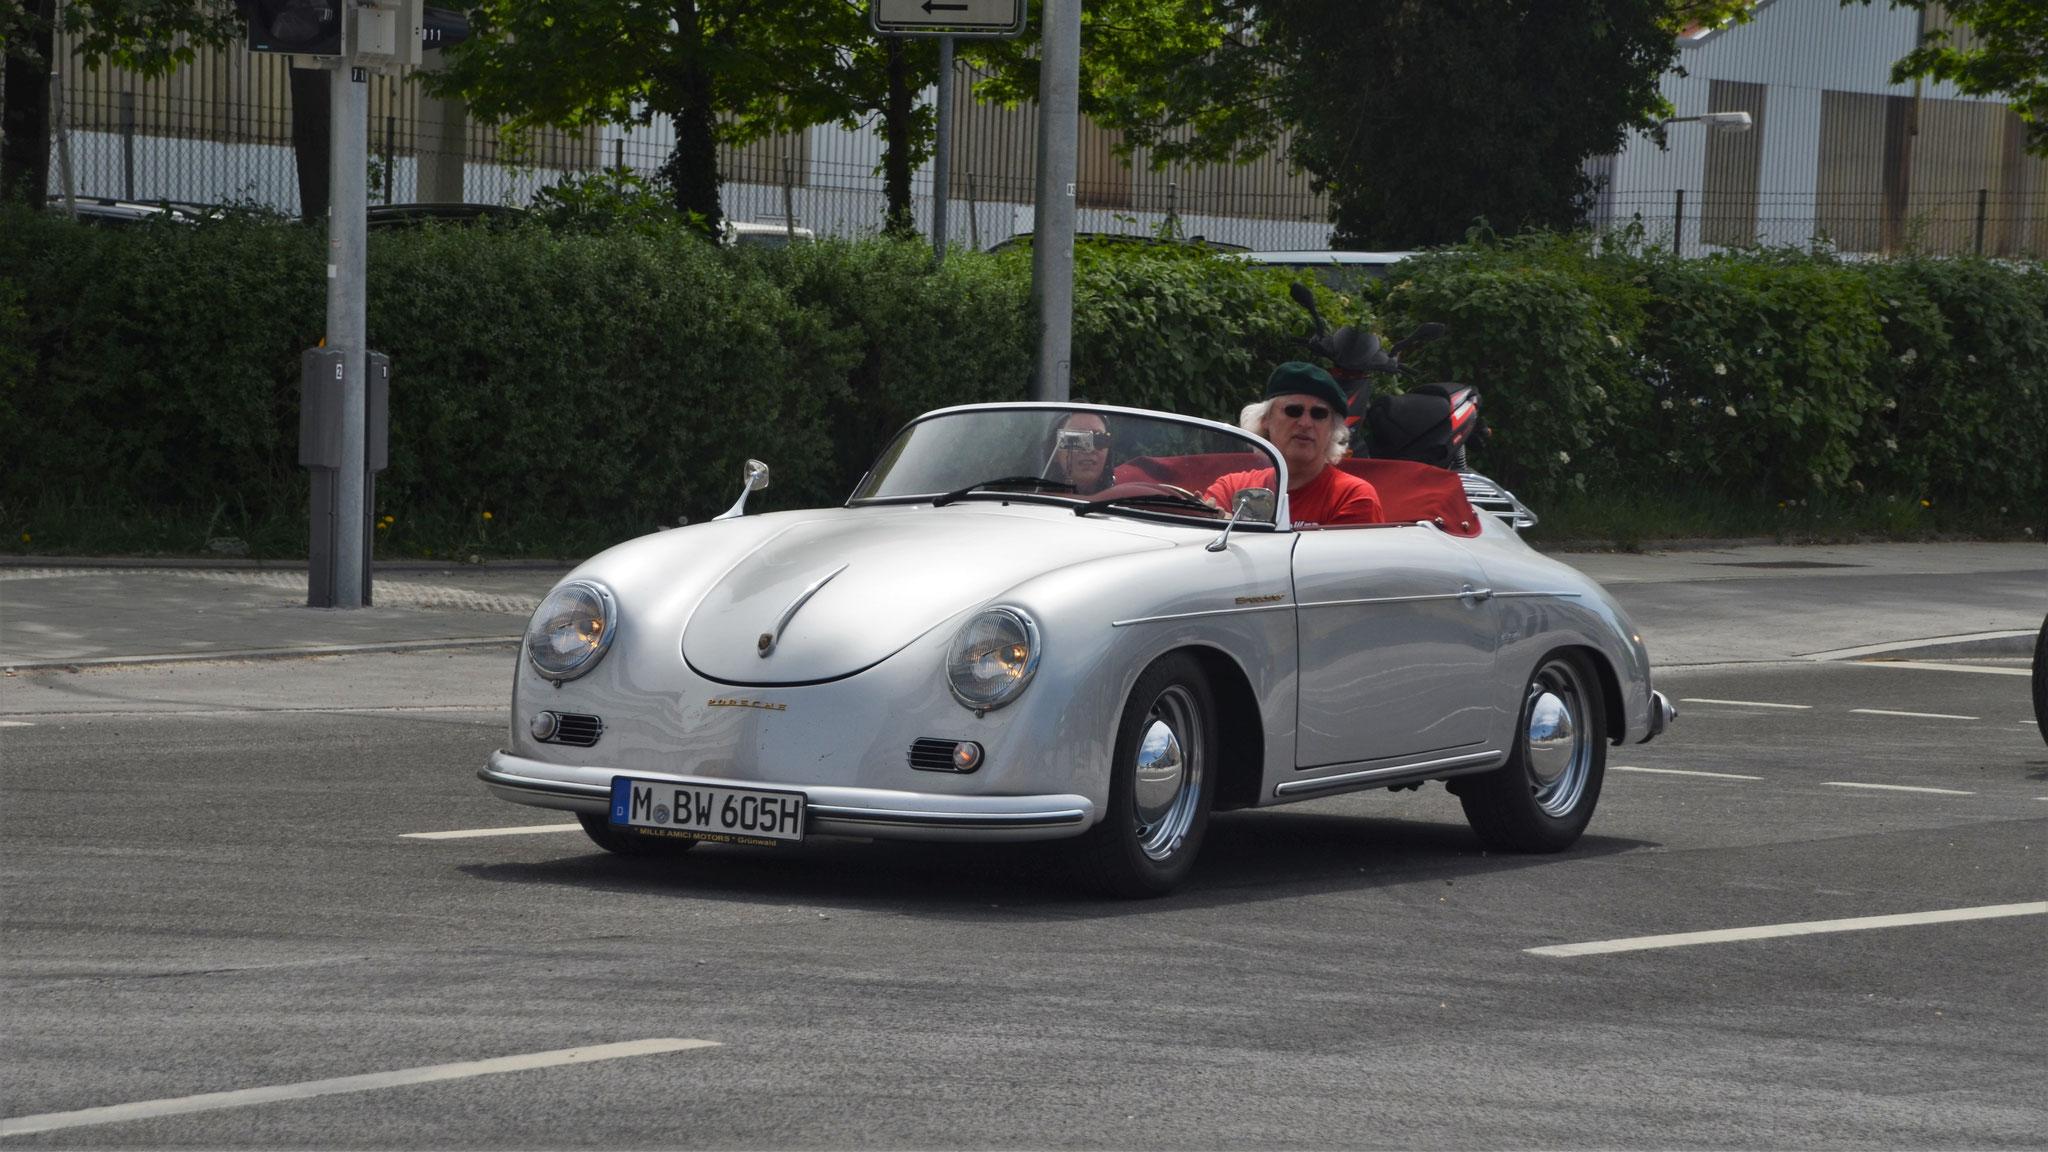 Porsche 356 1600 Super Speedster - M-BW-605H